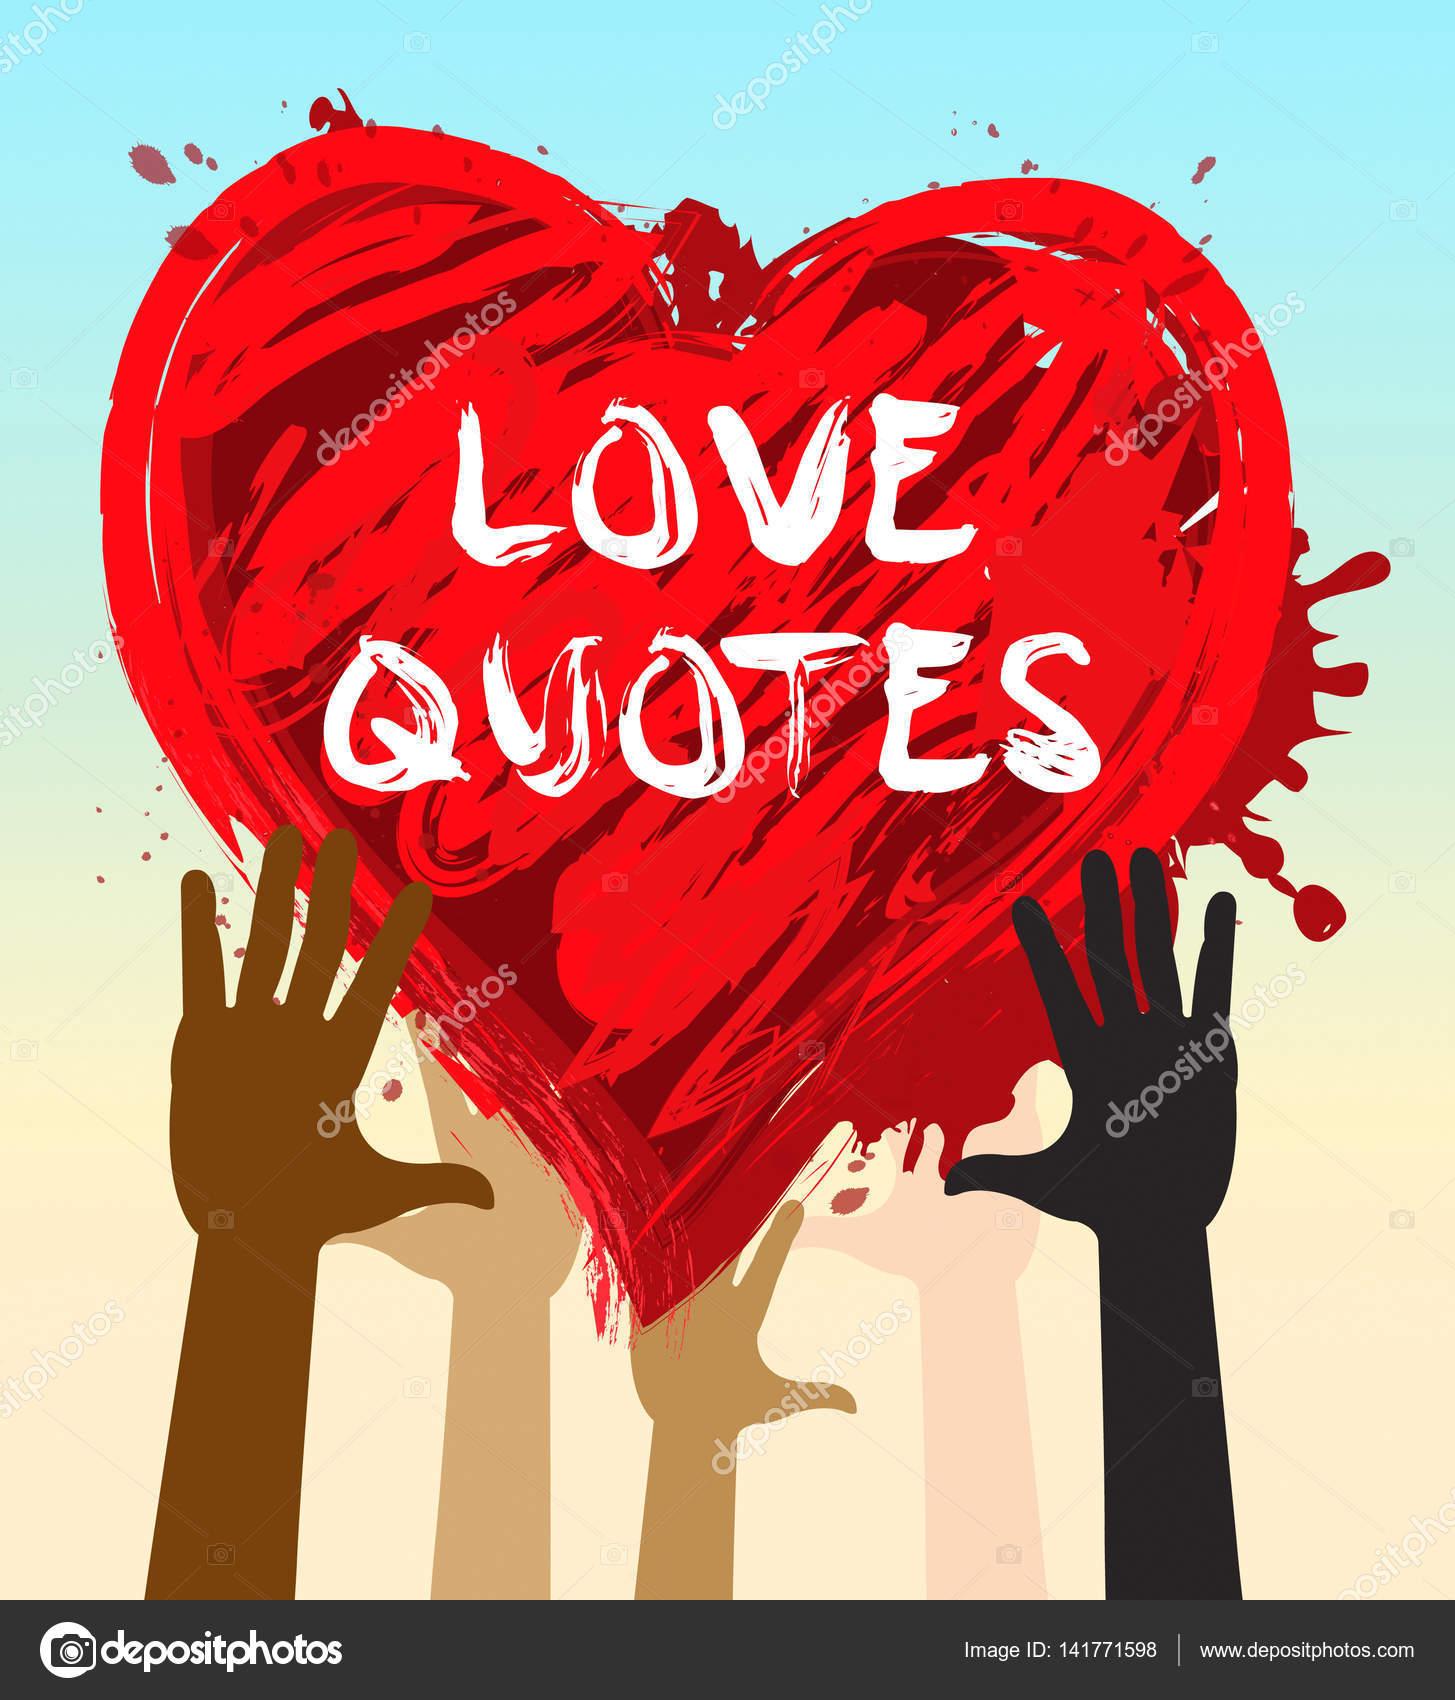 Citaten Liefde : Liefde citaten shows liefdevolle inspiratie d illustratie